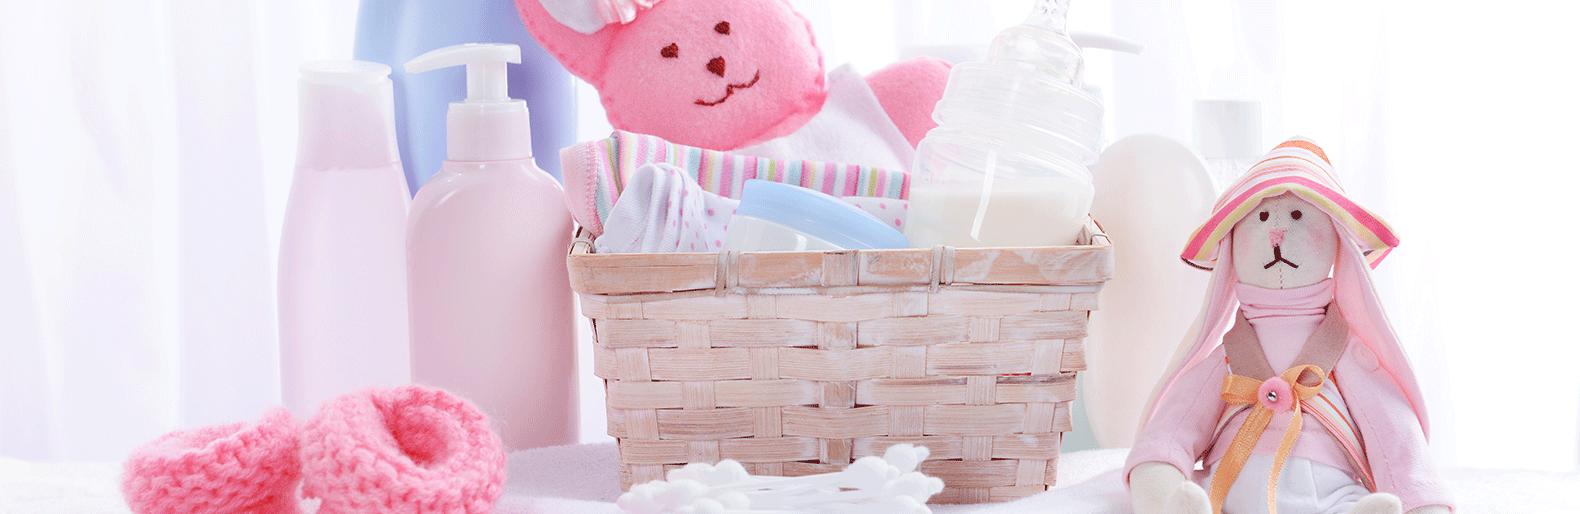 Roze badspullen bij de geboorte van een baby